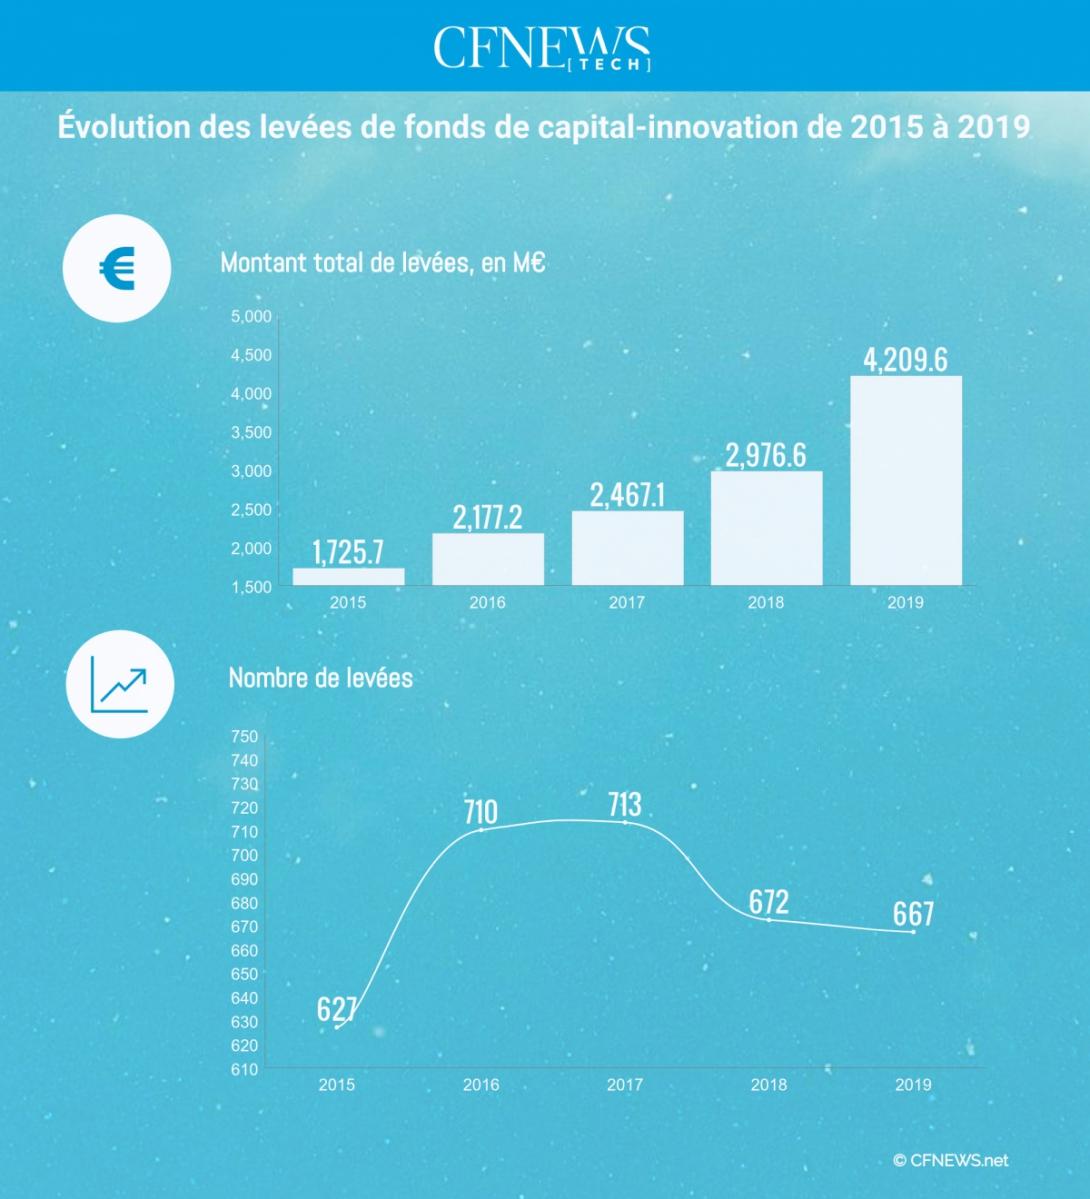 Évolution des levées de fonds de capital-innovation de 2015 à 2019